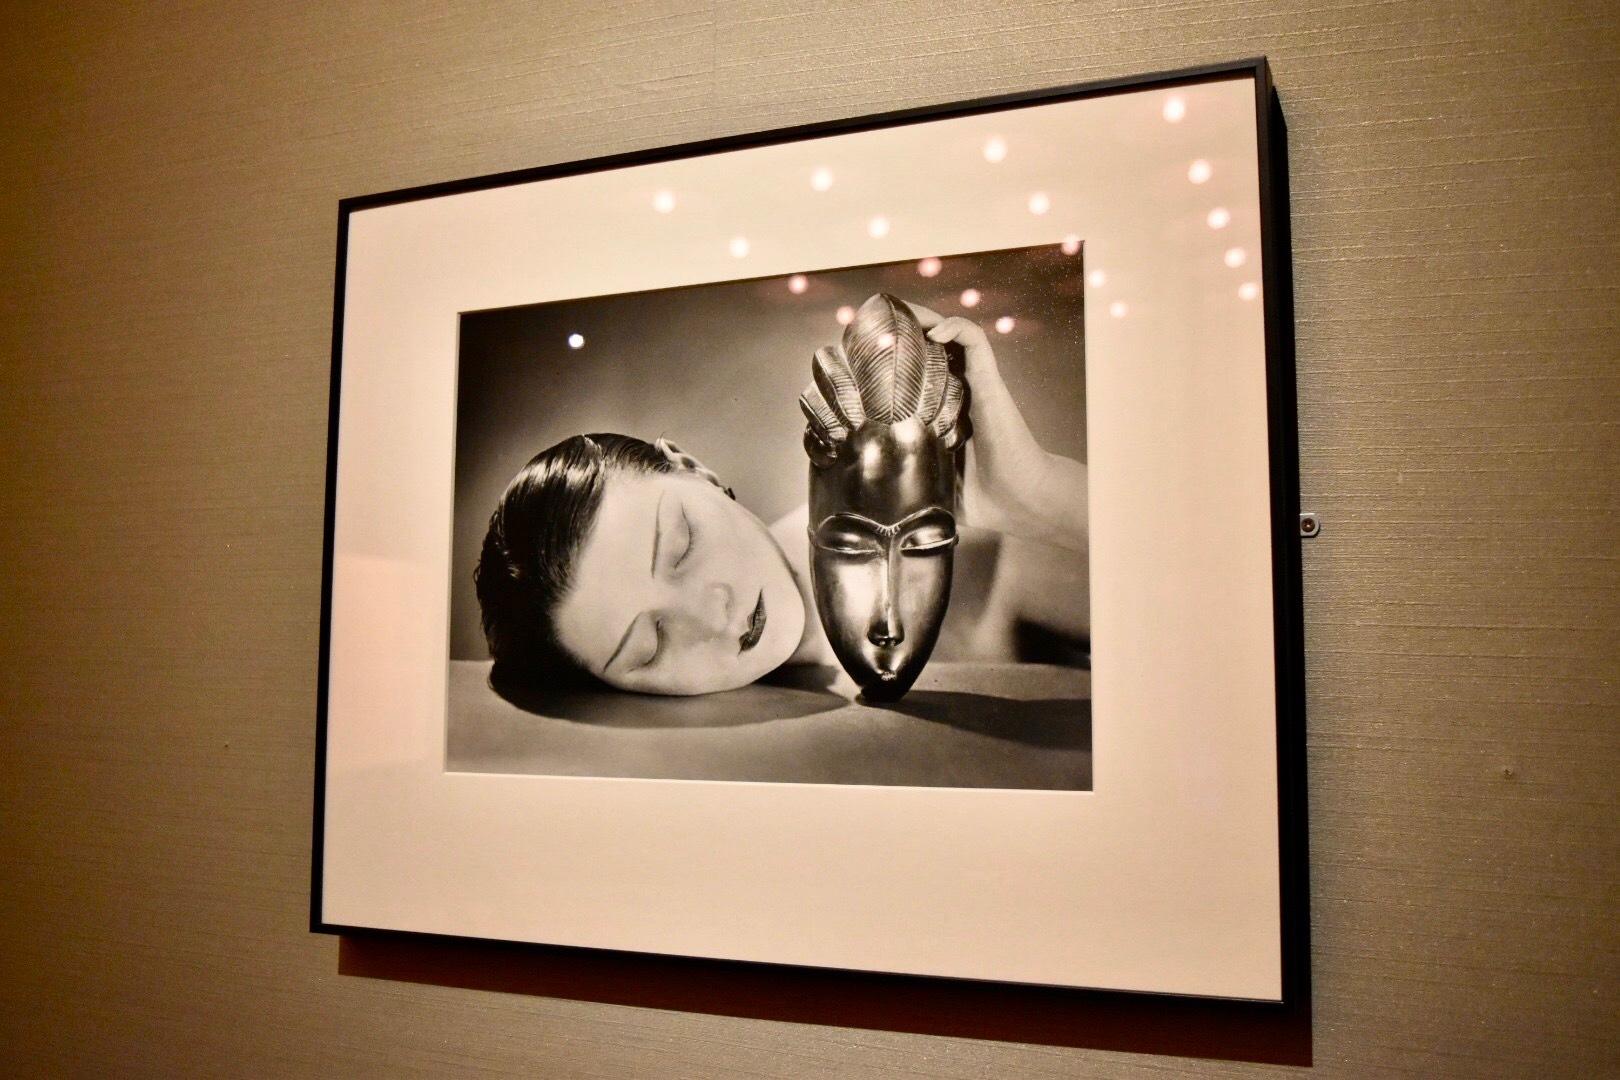 《黒と白》 マン・レイ 1926年 東京都写真美術館蔵